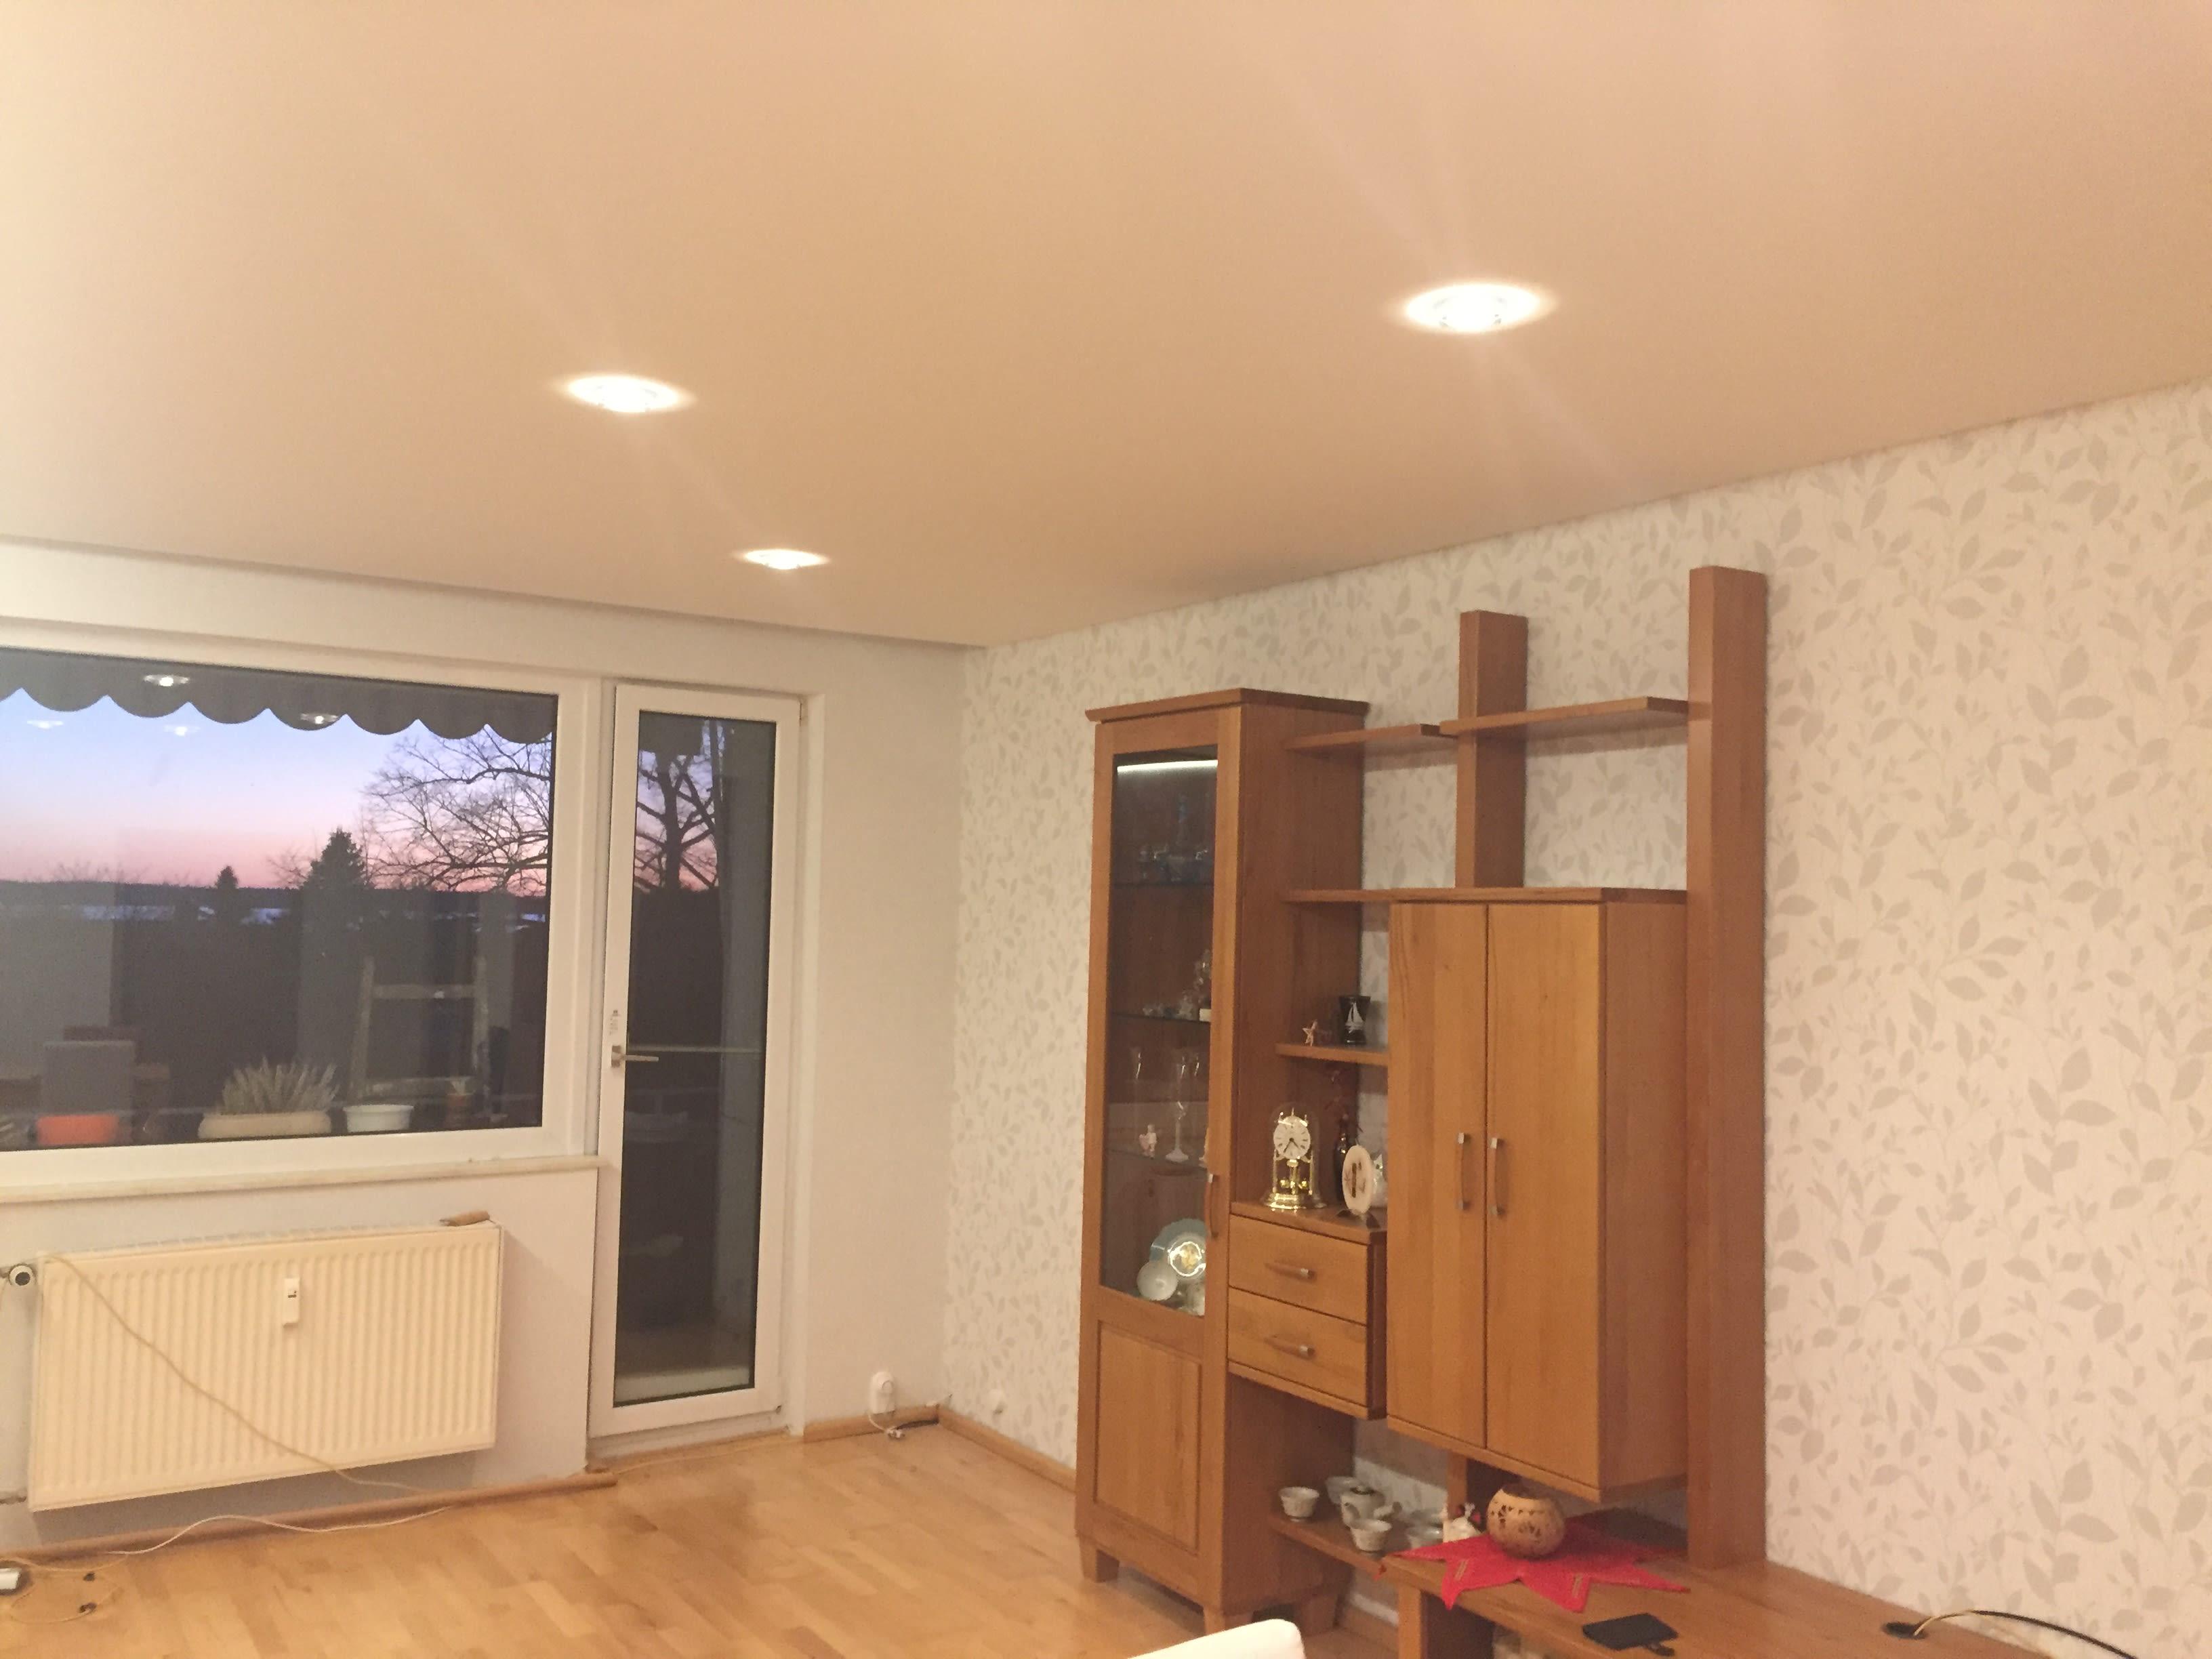 deckenstudiojenß installiert Spanndecken und Lichtdecken